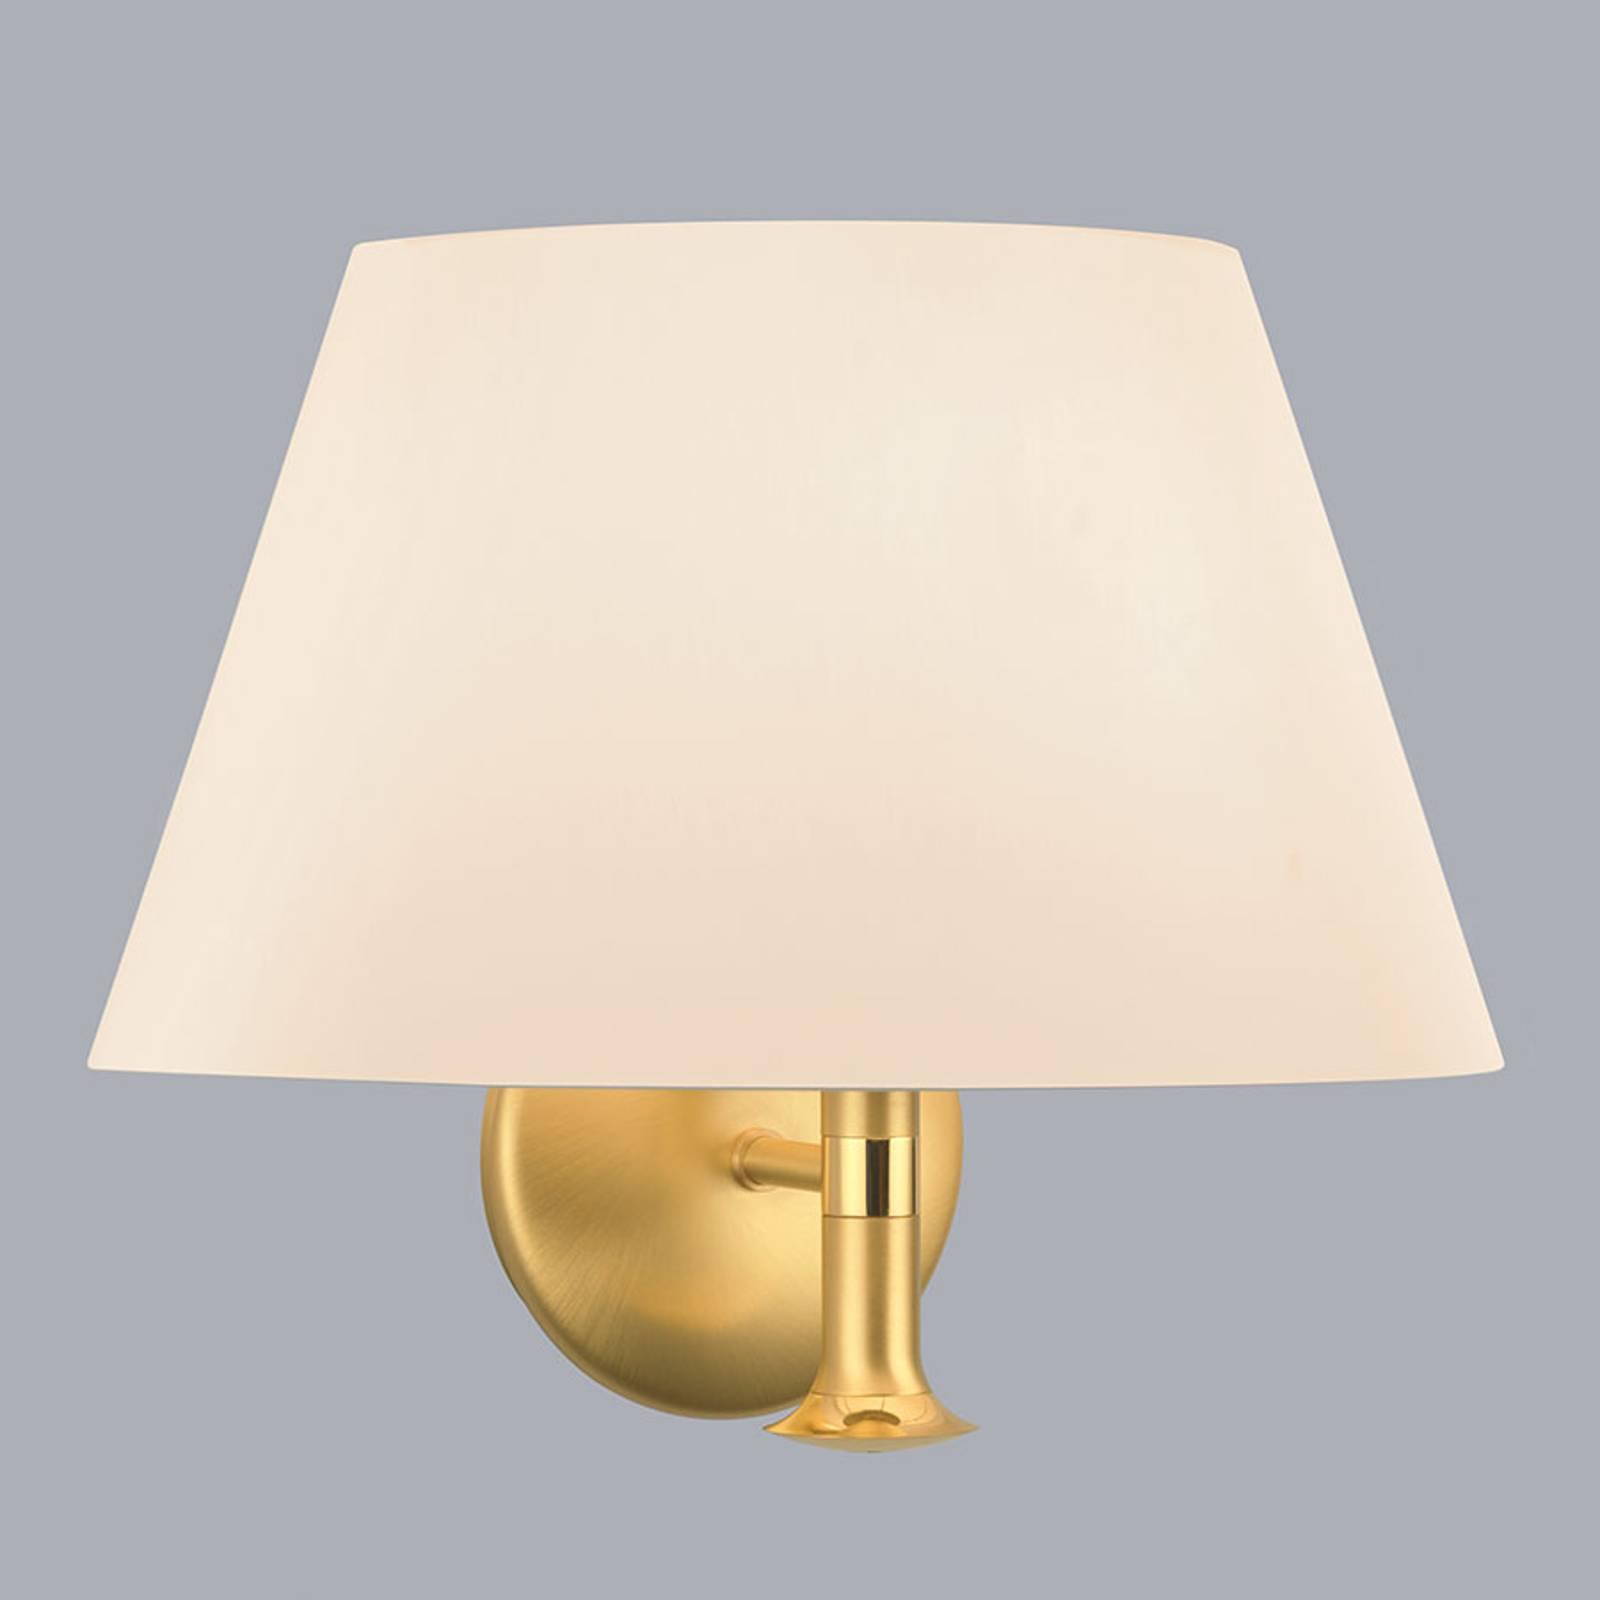 Wandlamp Royce met klassieke kap crème